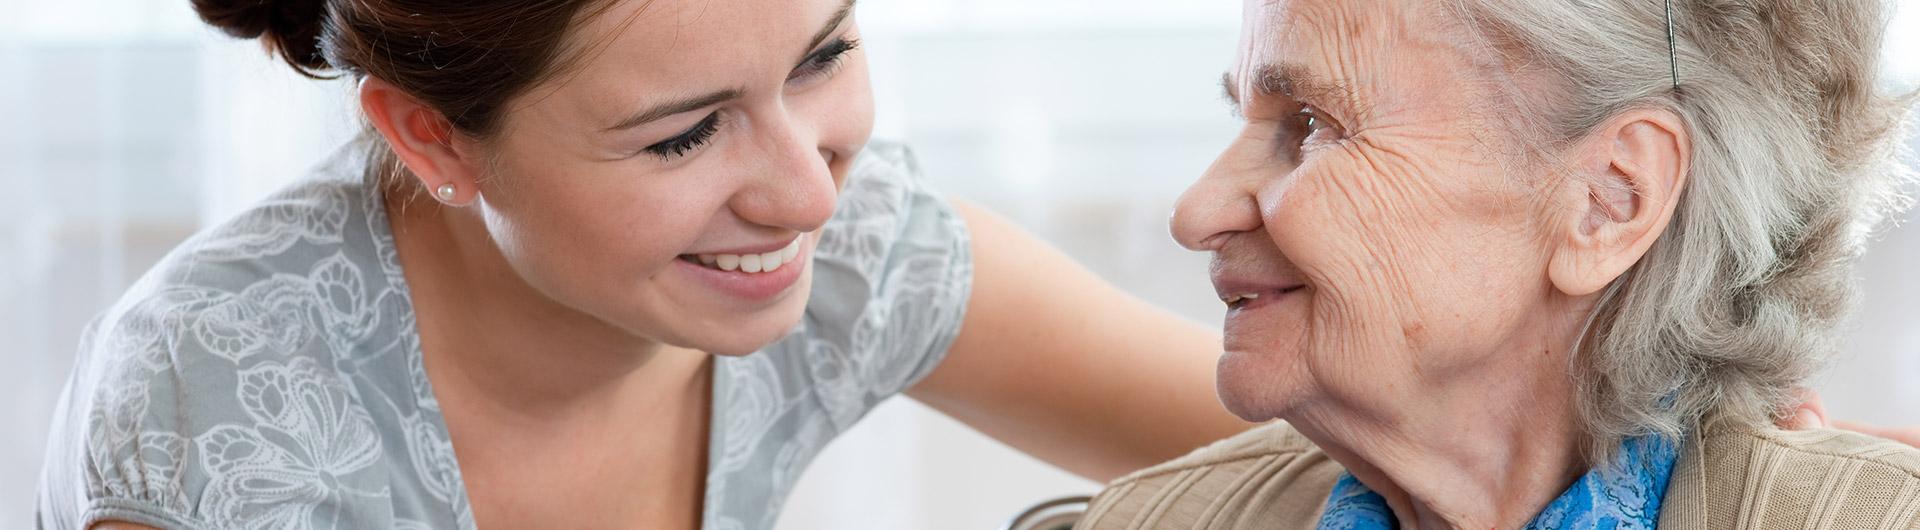 Pflege und Therapie im Gesundheitszentrum Main-Spessart